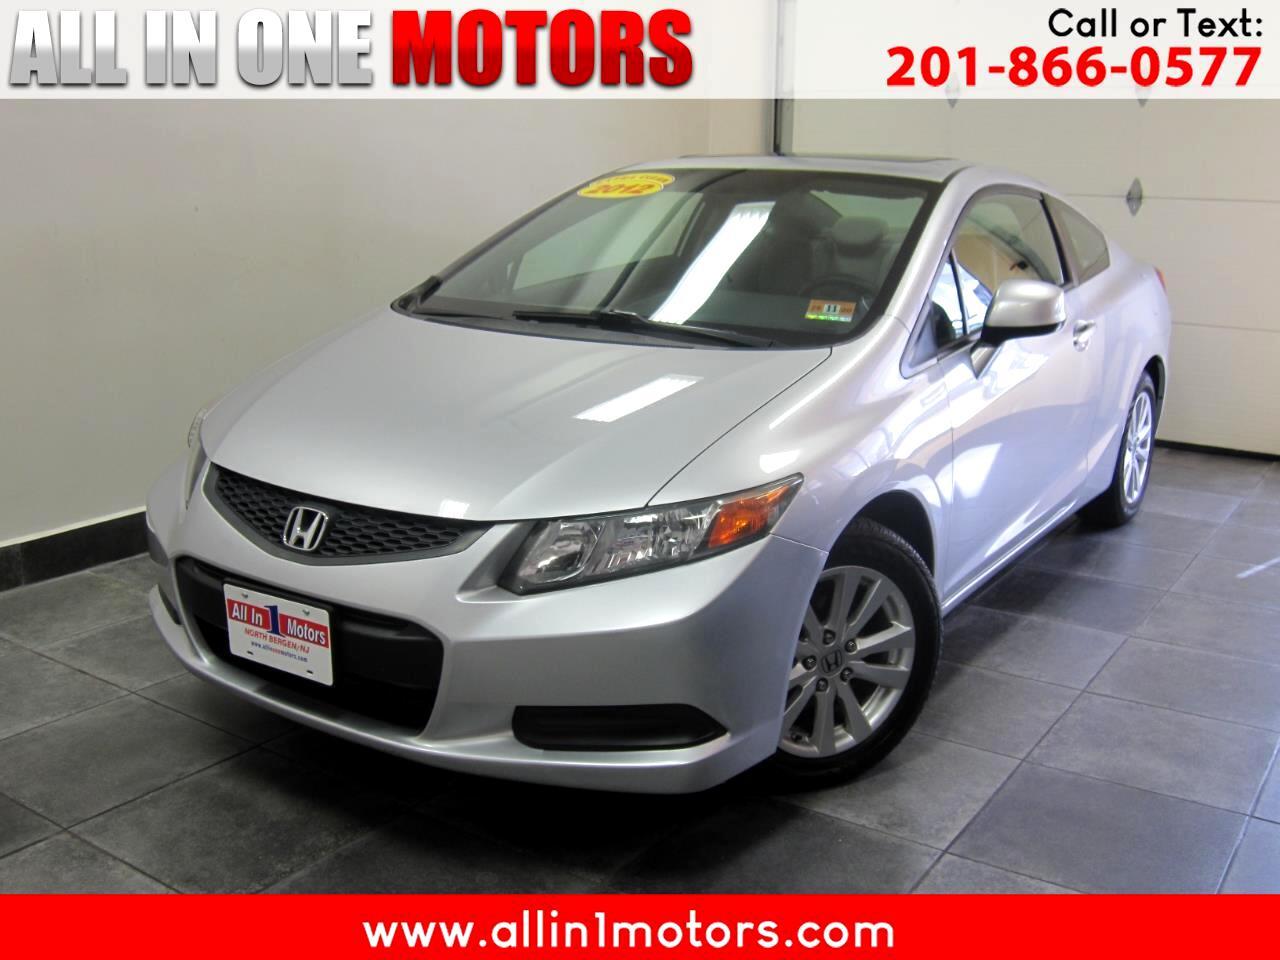 2012 Honda Civic Cpe 2dr Auto EX